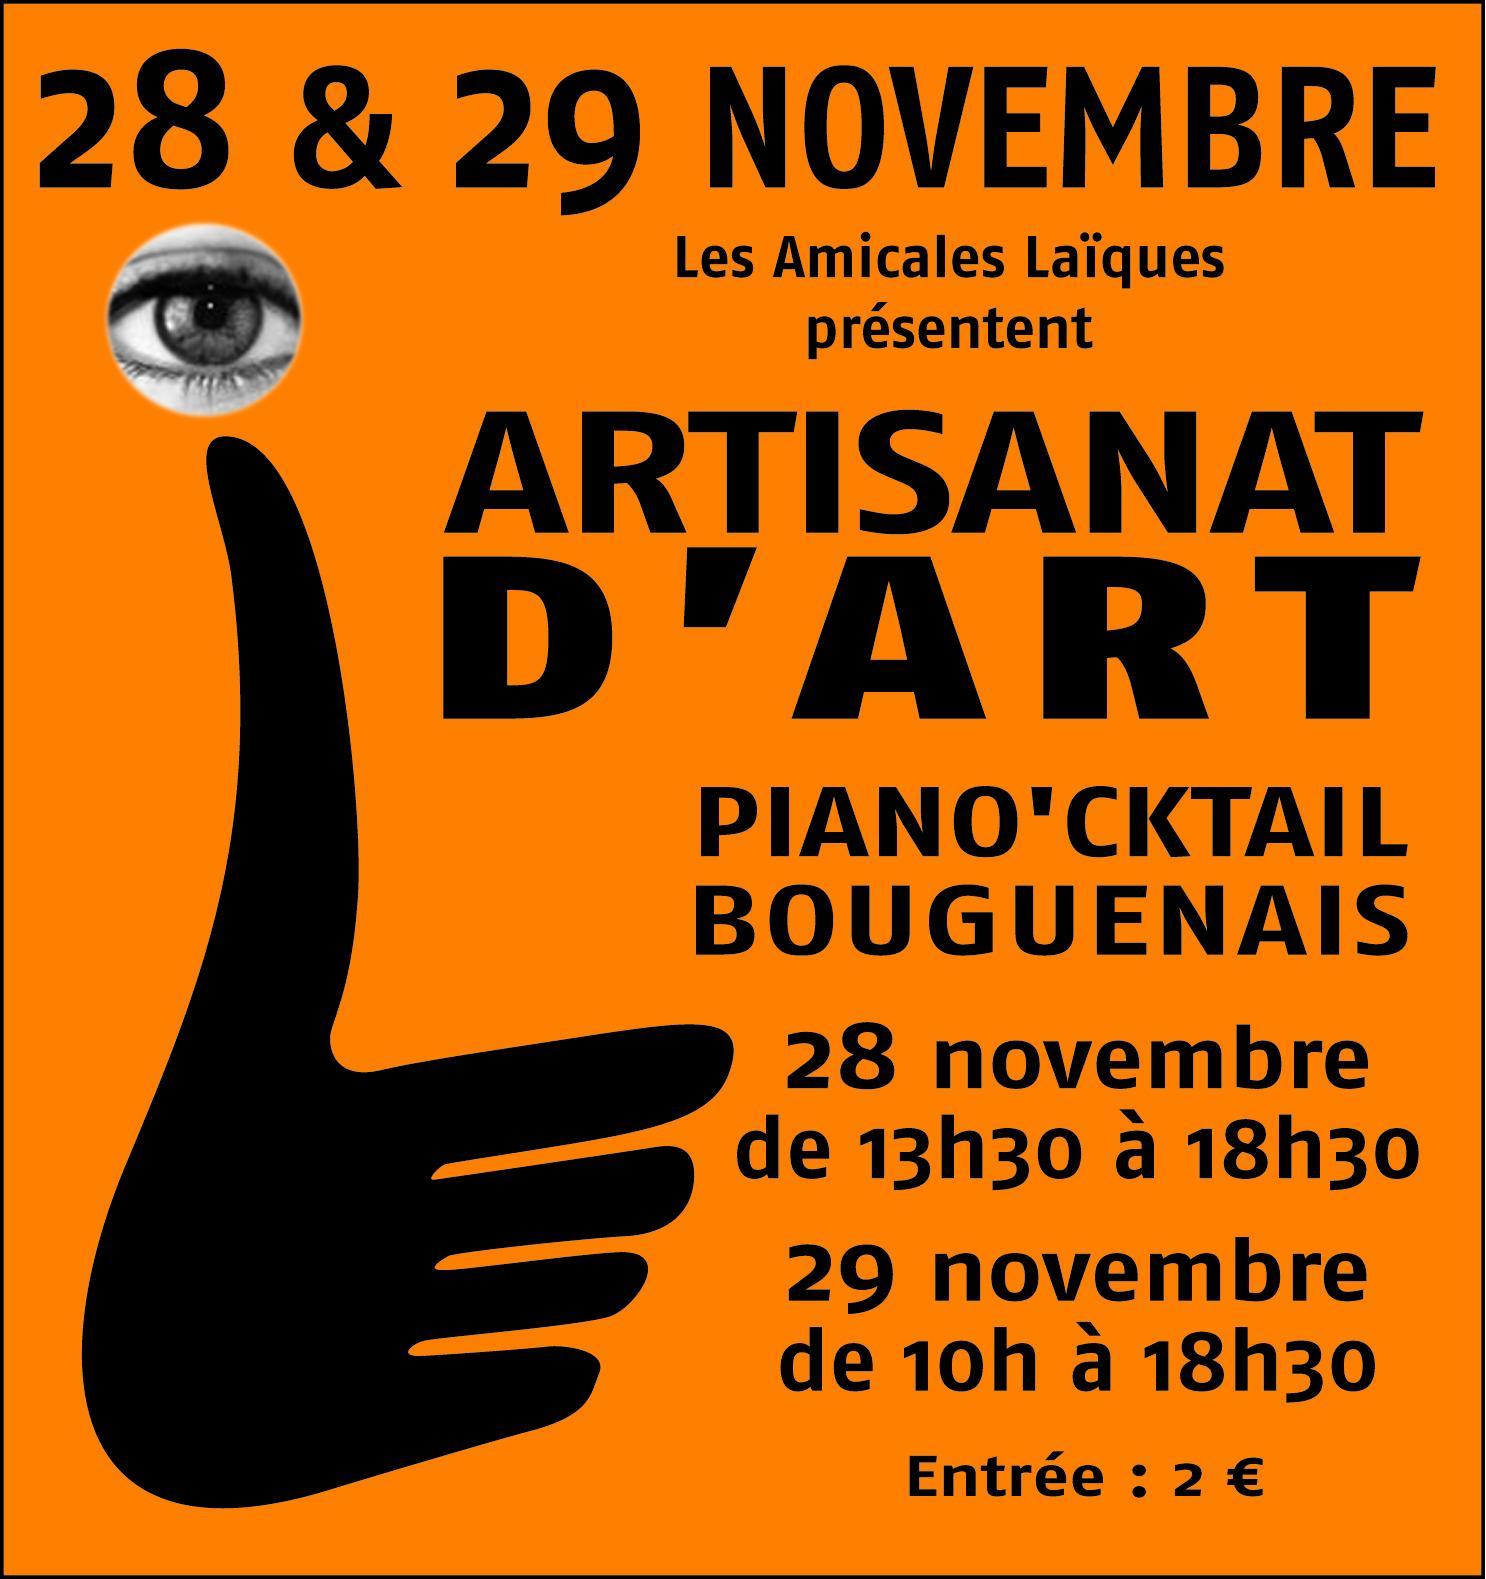 Actualité de Valérie Bourdon Bout d'Choco Salon d'Artisanat d'art Piano'cktail Bouguenais